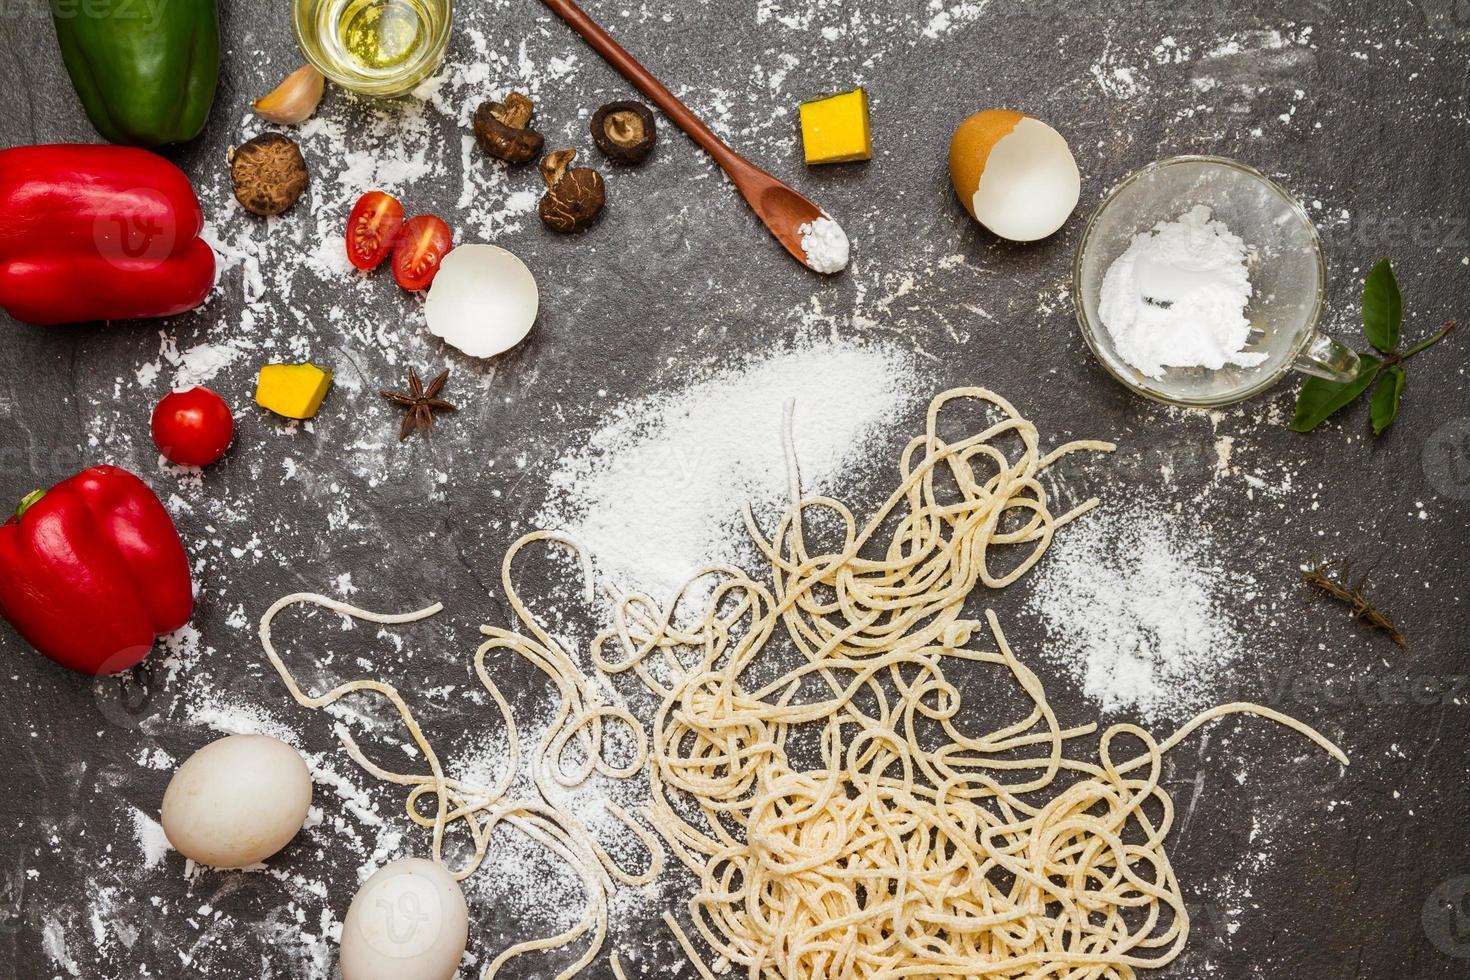 spaghetti och mjöl med rå hemlagad. foto